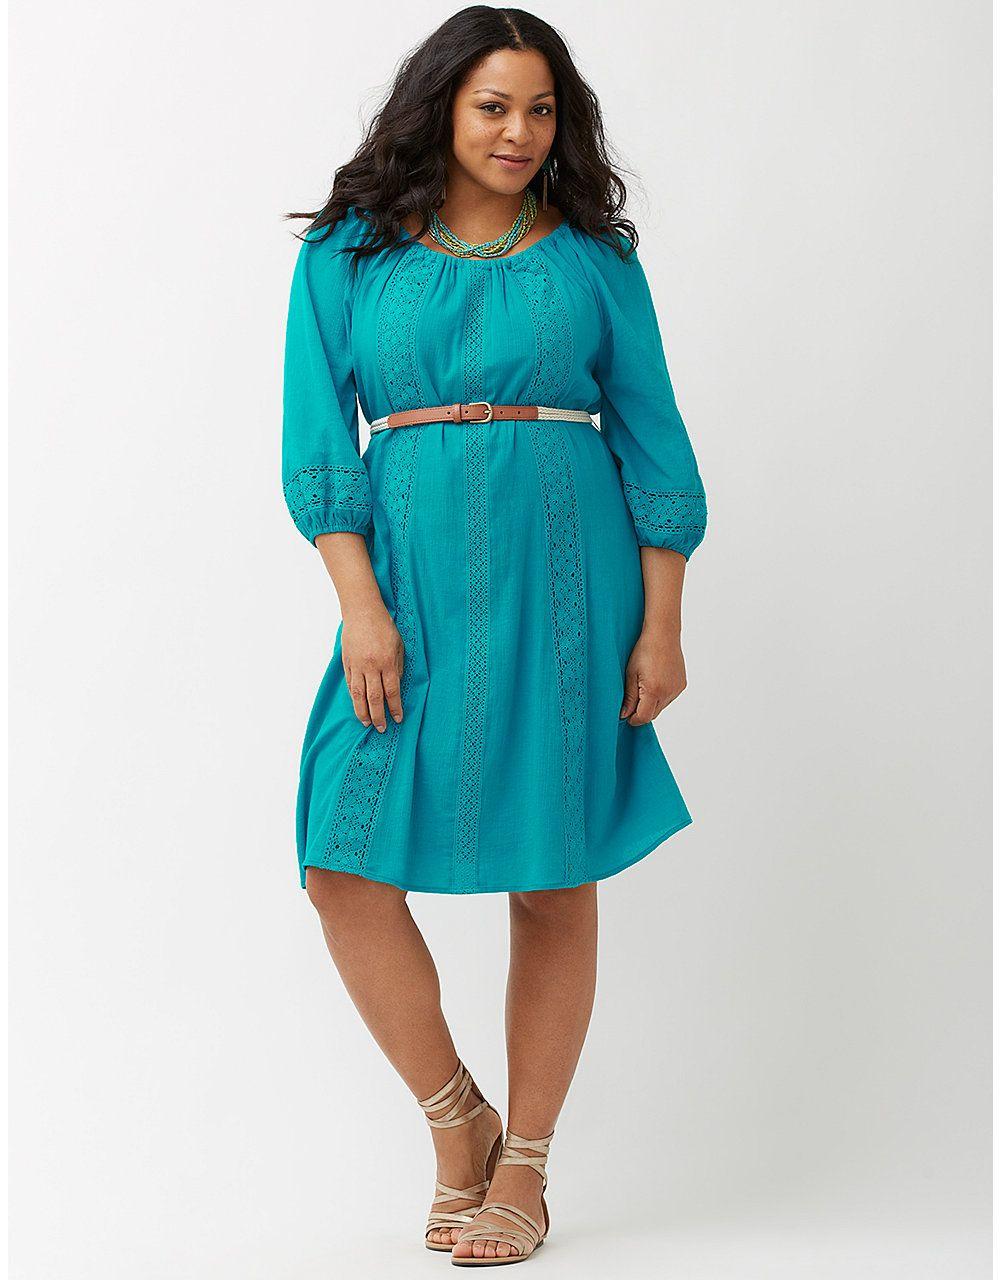 dd42e4a8241 Gauze peasant dress by Lane Bryant